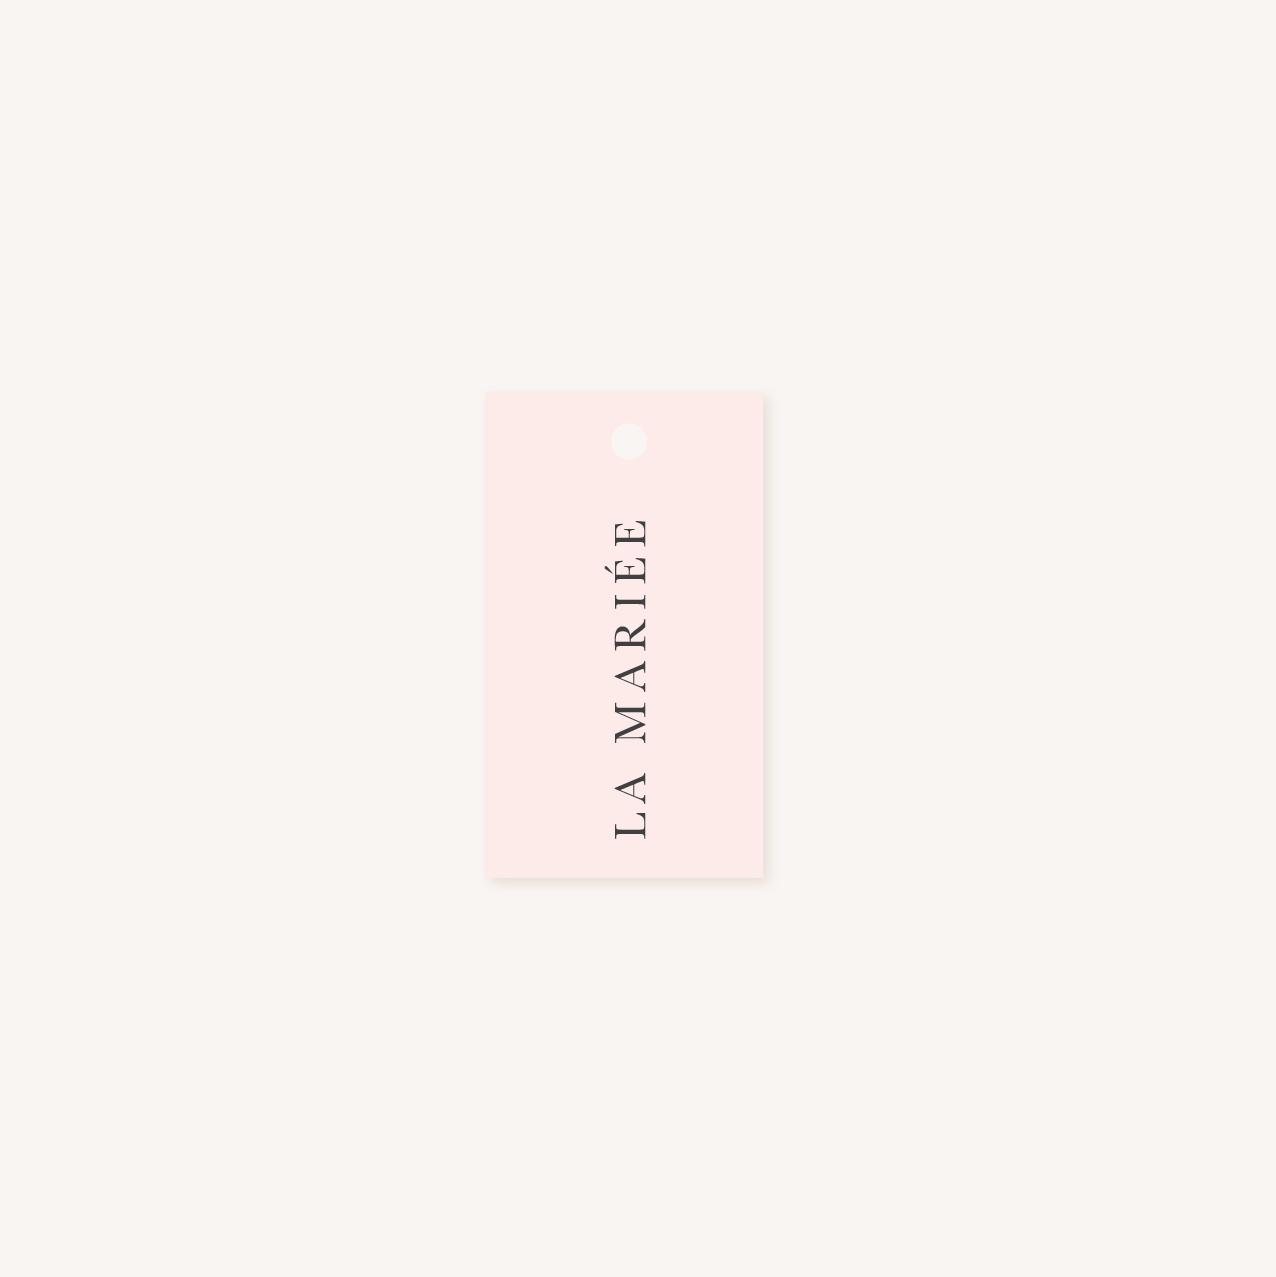 Étiquette prénom marque-place mariage élégant chic romantic neutral épuré bordeaux rose nude blanc